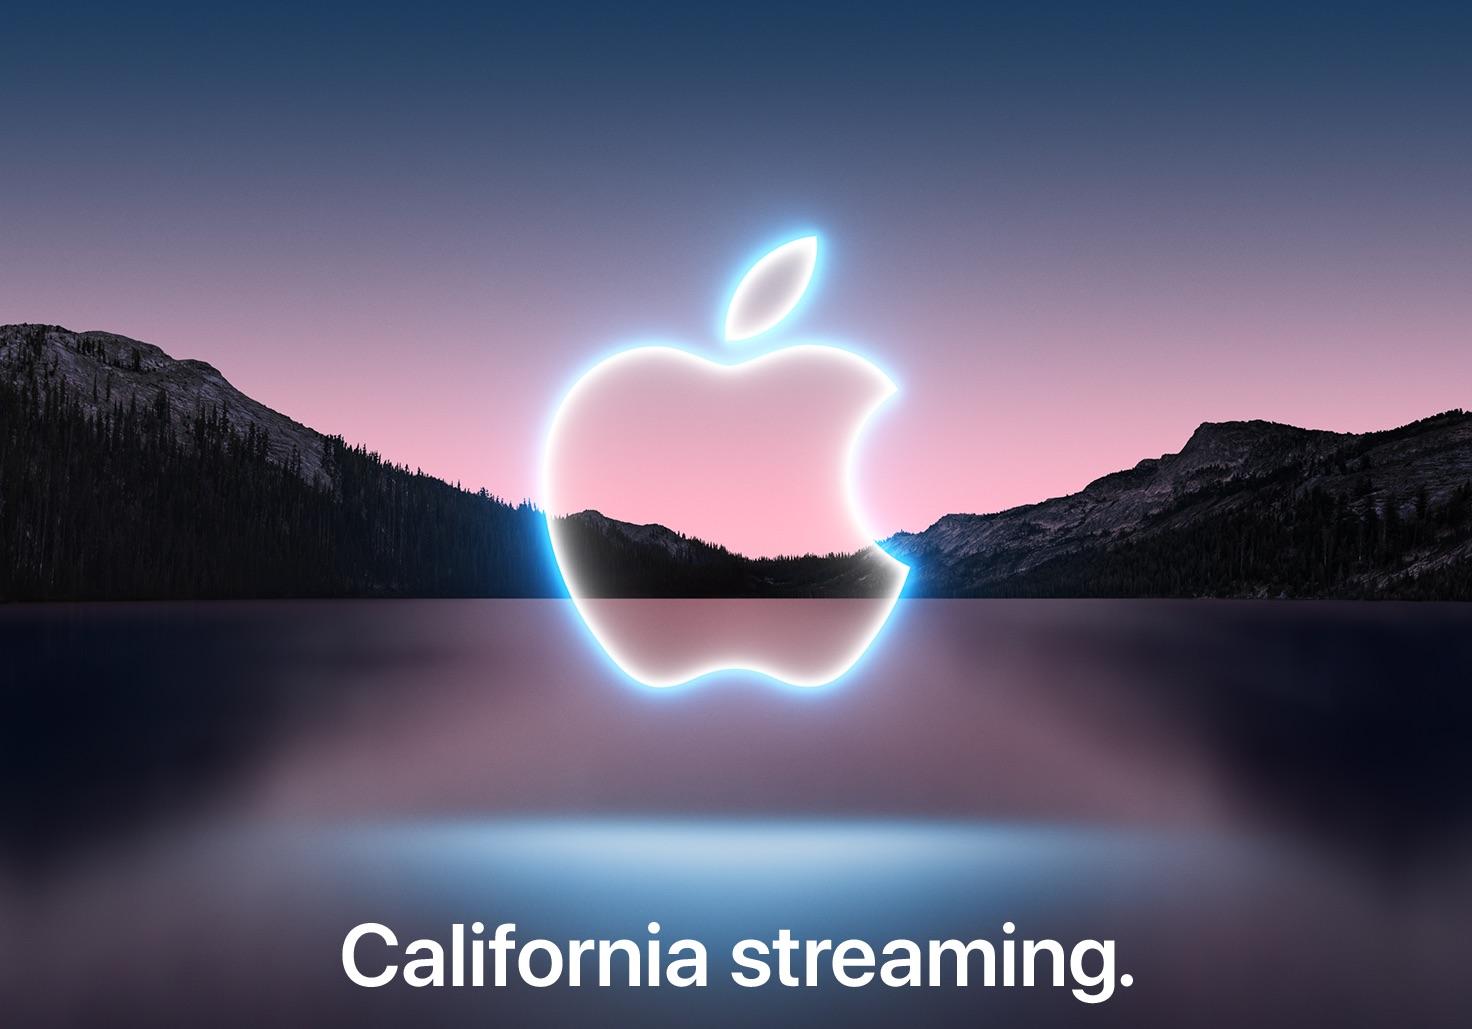 El evento de los iPhone 13, California Streaming, ya tiene fecha: el próximo día 14 de septiembre